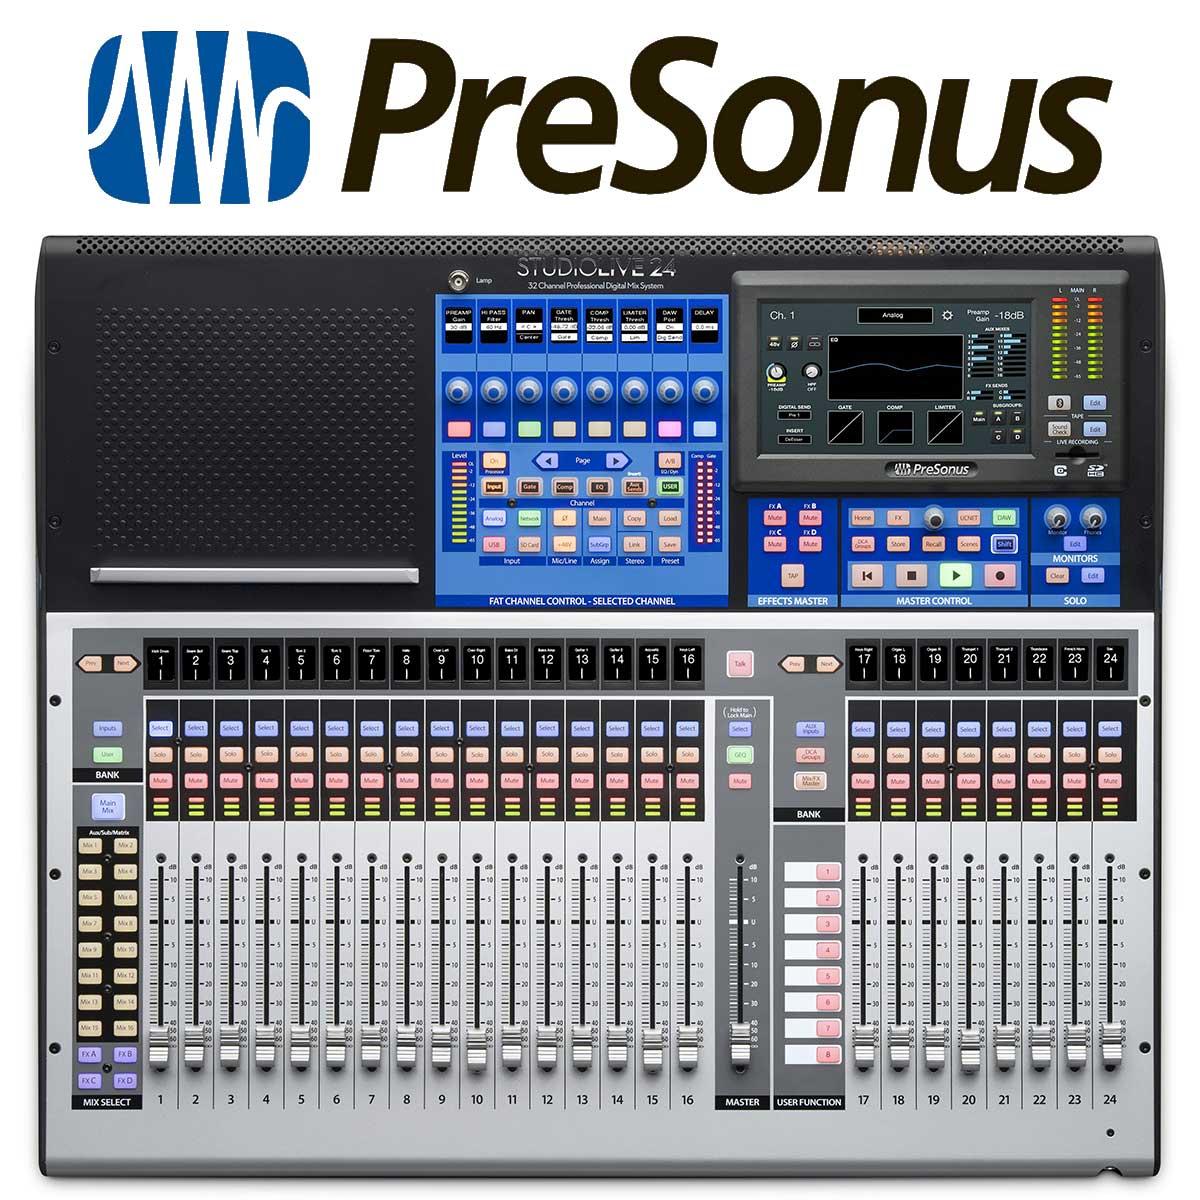 Presonus StudioLive Trade-in/Upgrade Program